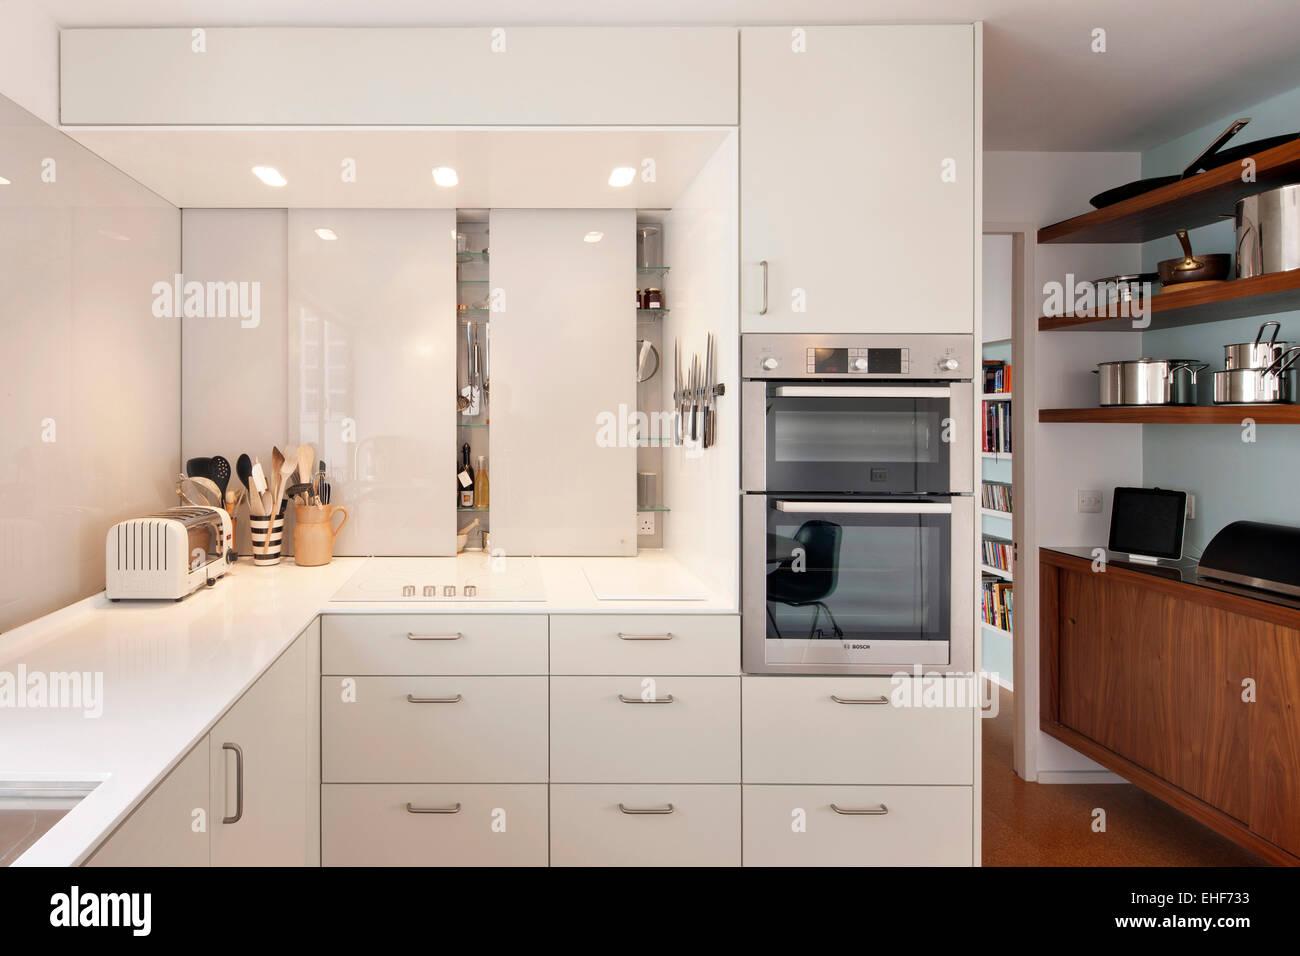 Cocina moderna con unidades en blanco apartamento en uno de ...